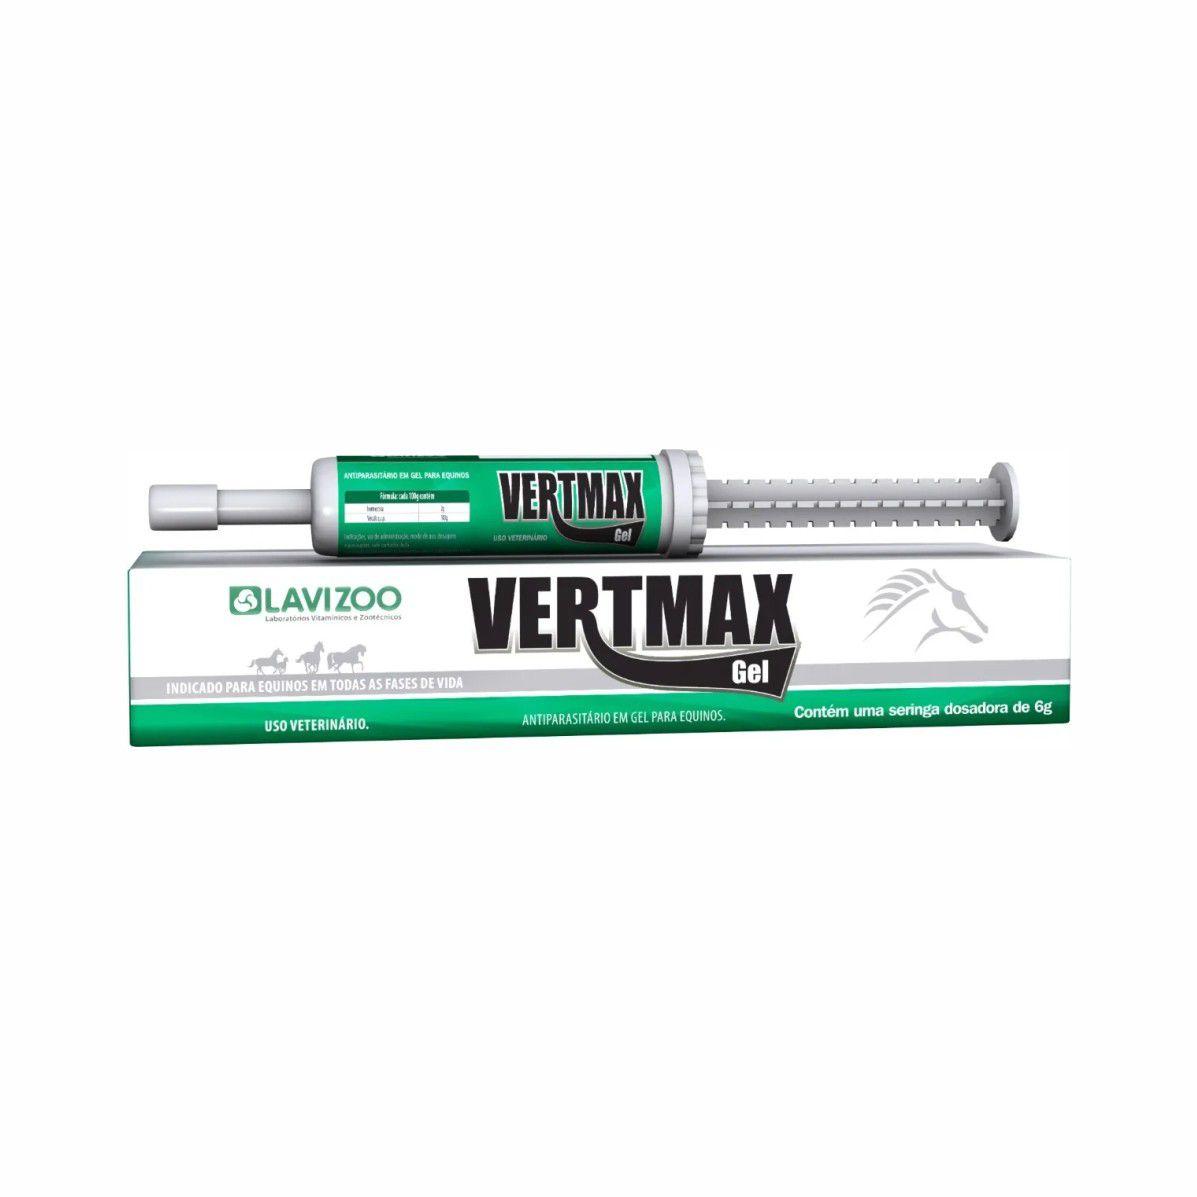 Vertmax Gel-  Ivermectina a 2% - Antiparasitário Oral